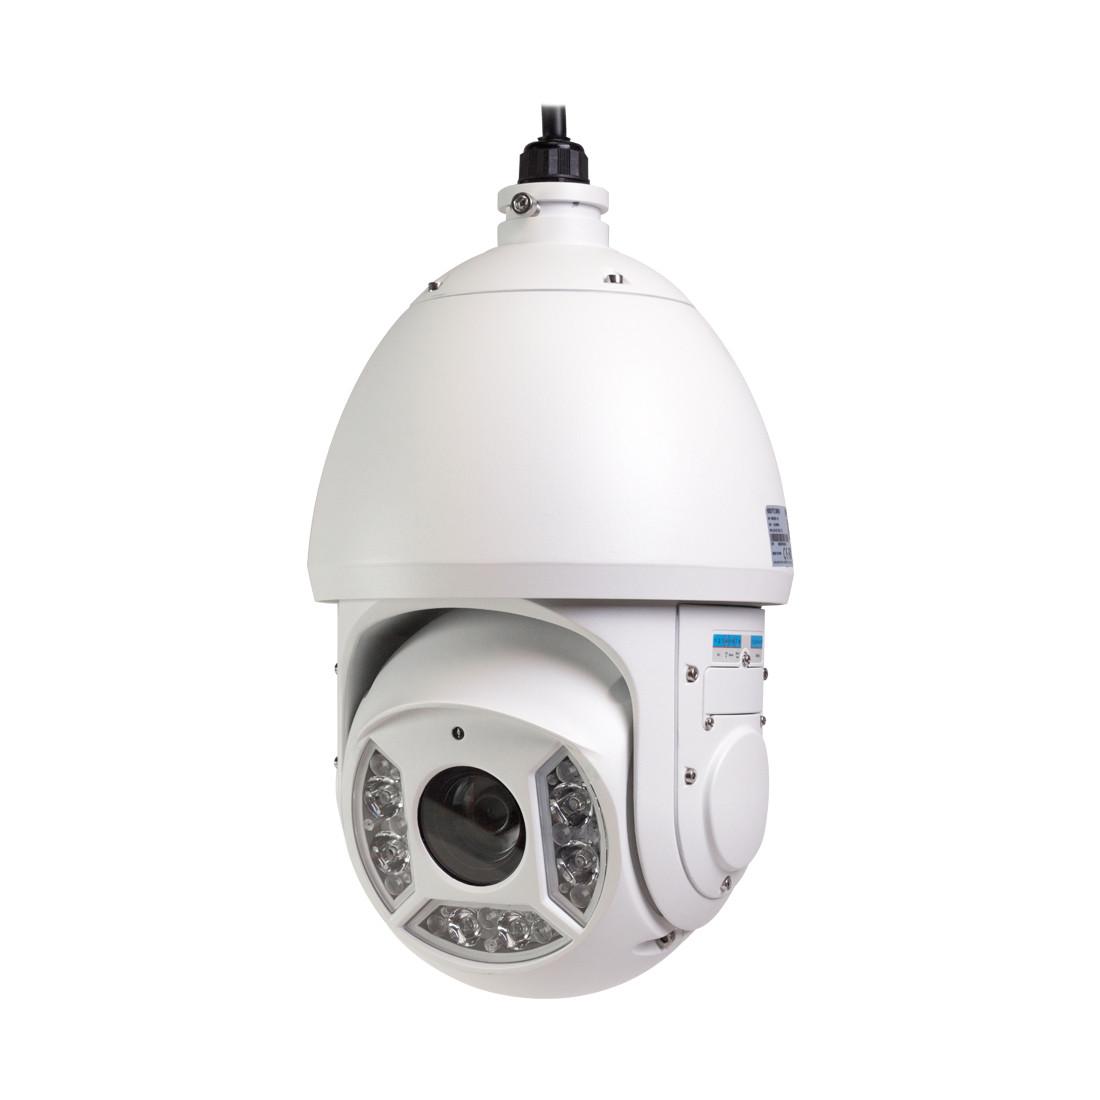 Dahua DH-SD6C225I-HC Поворотная Аналоговая видеокамера, 2.0 МП, ИК-подсветка - до 150 м